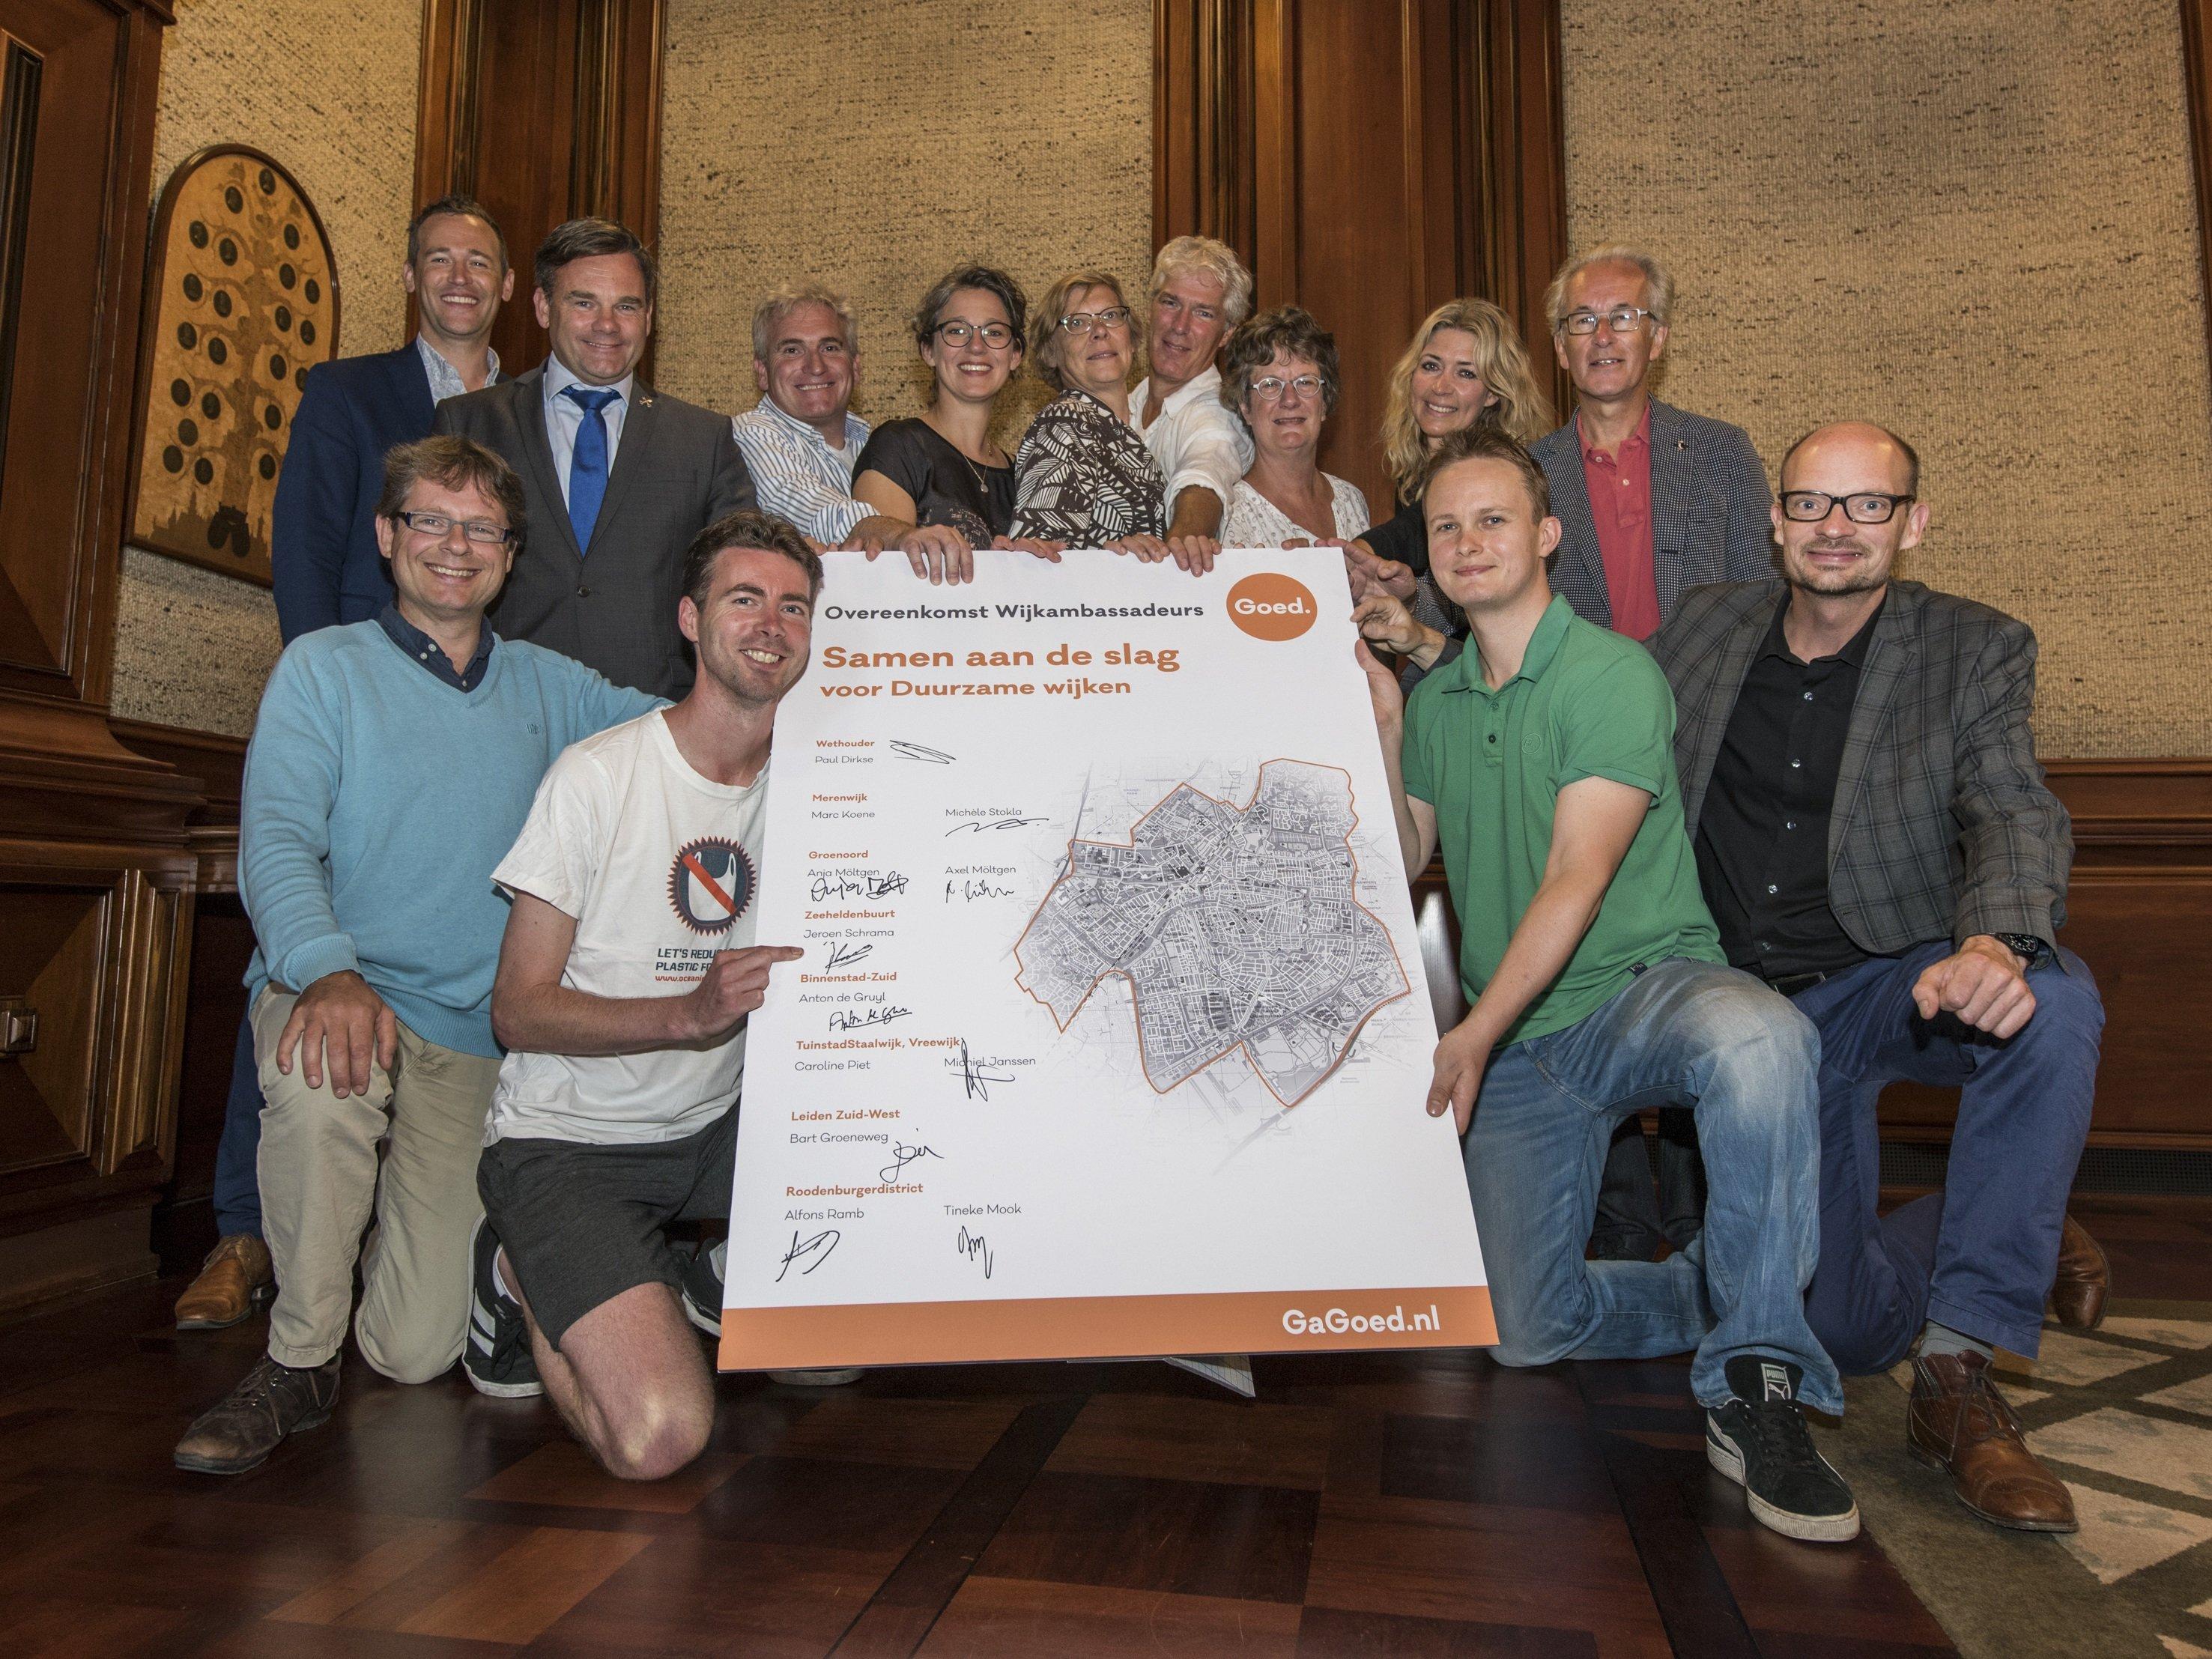 wijkambassadeurs-met-wethouder-en-programmateam